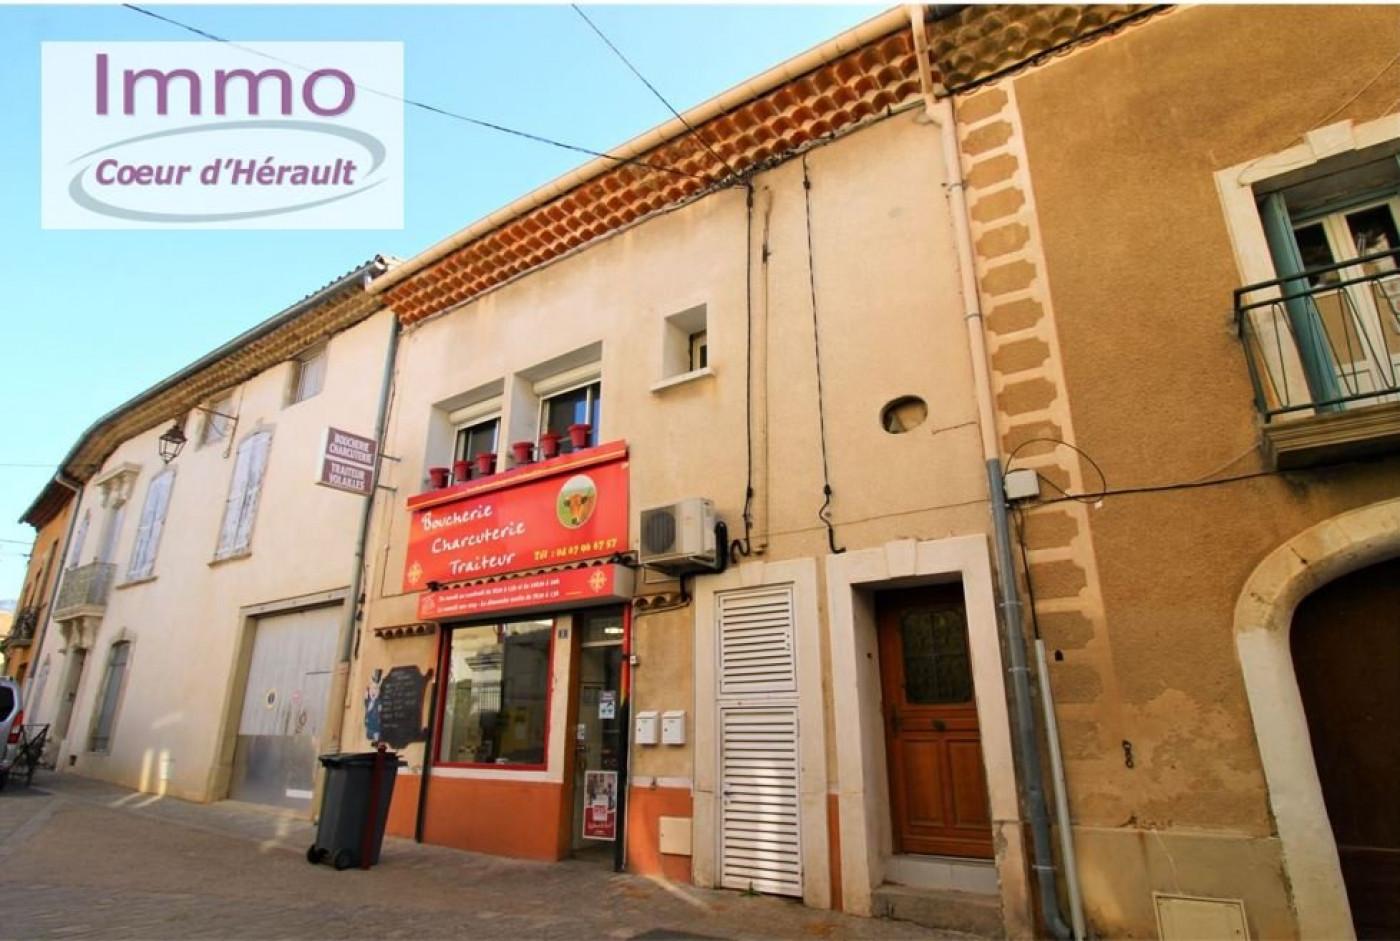 A vendre  Montpeyroux | Réf 343081804 - Immo coeur d'hérault